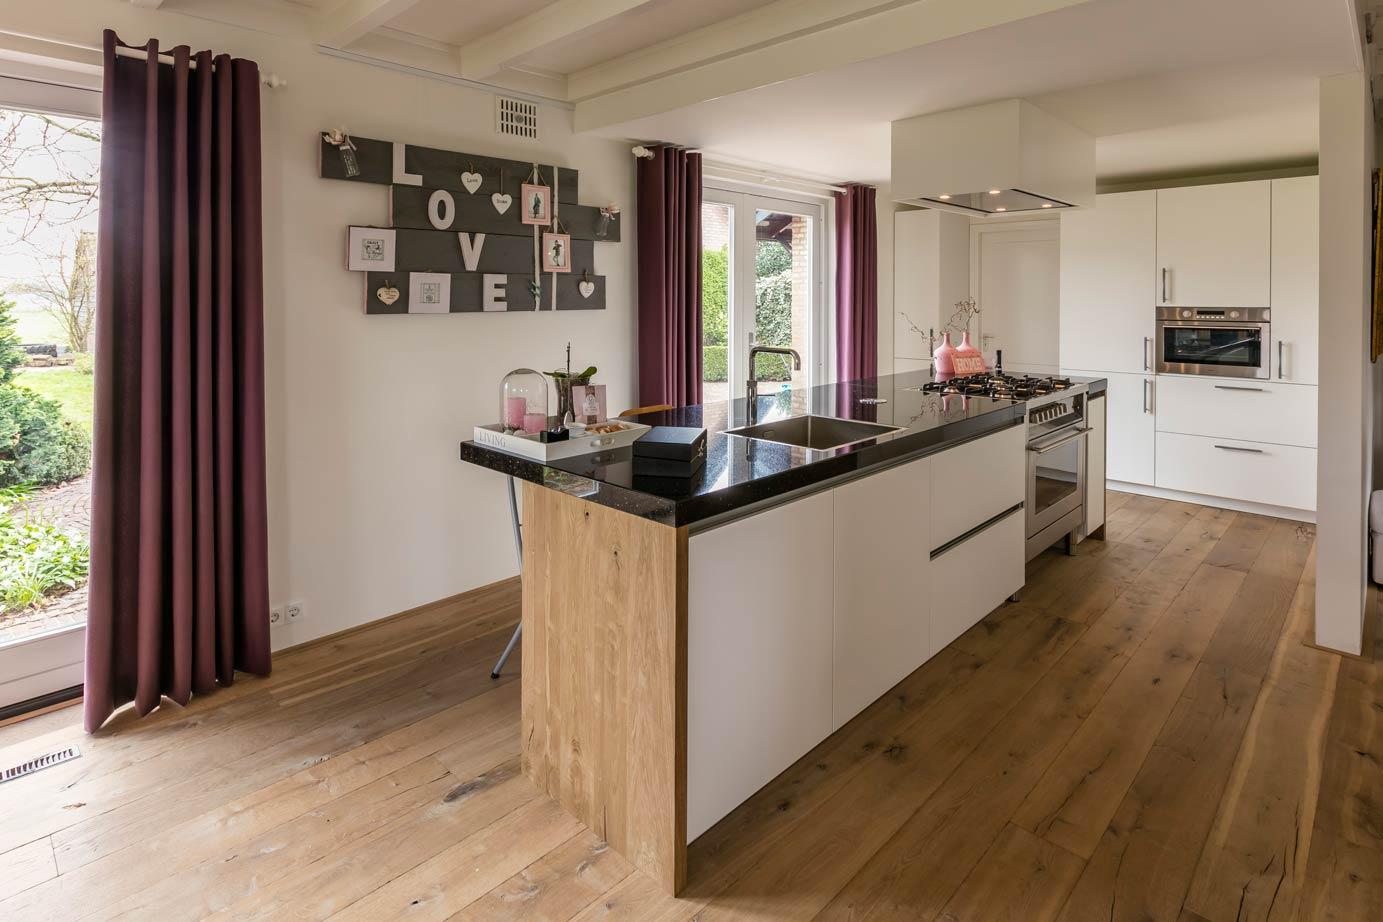 Moderne keukens kopen bekijk onze collectie enka keukens